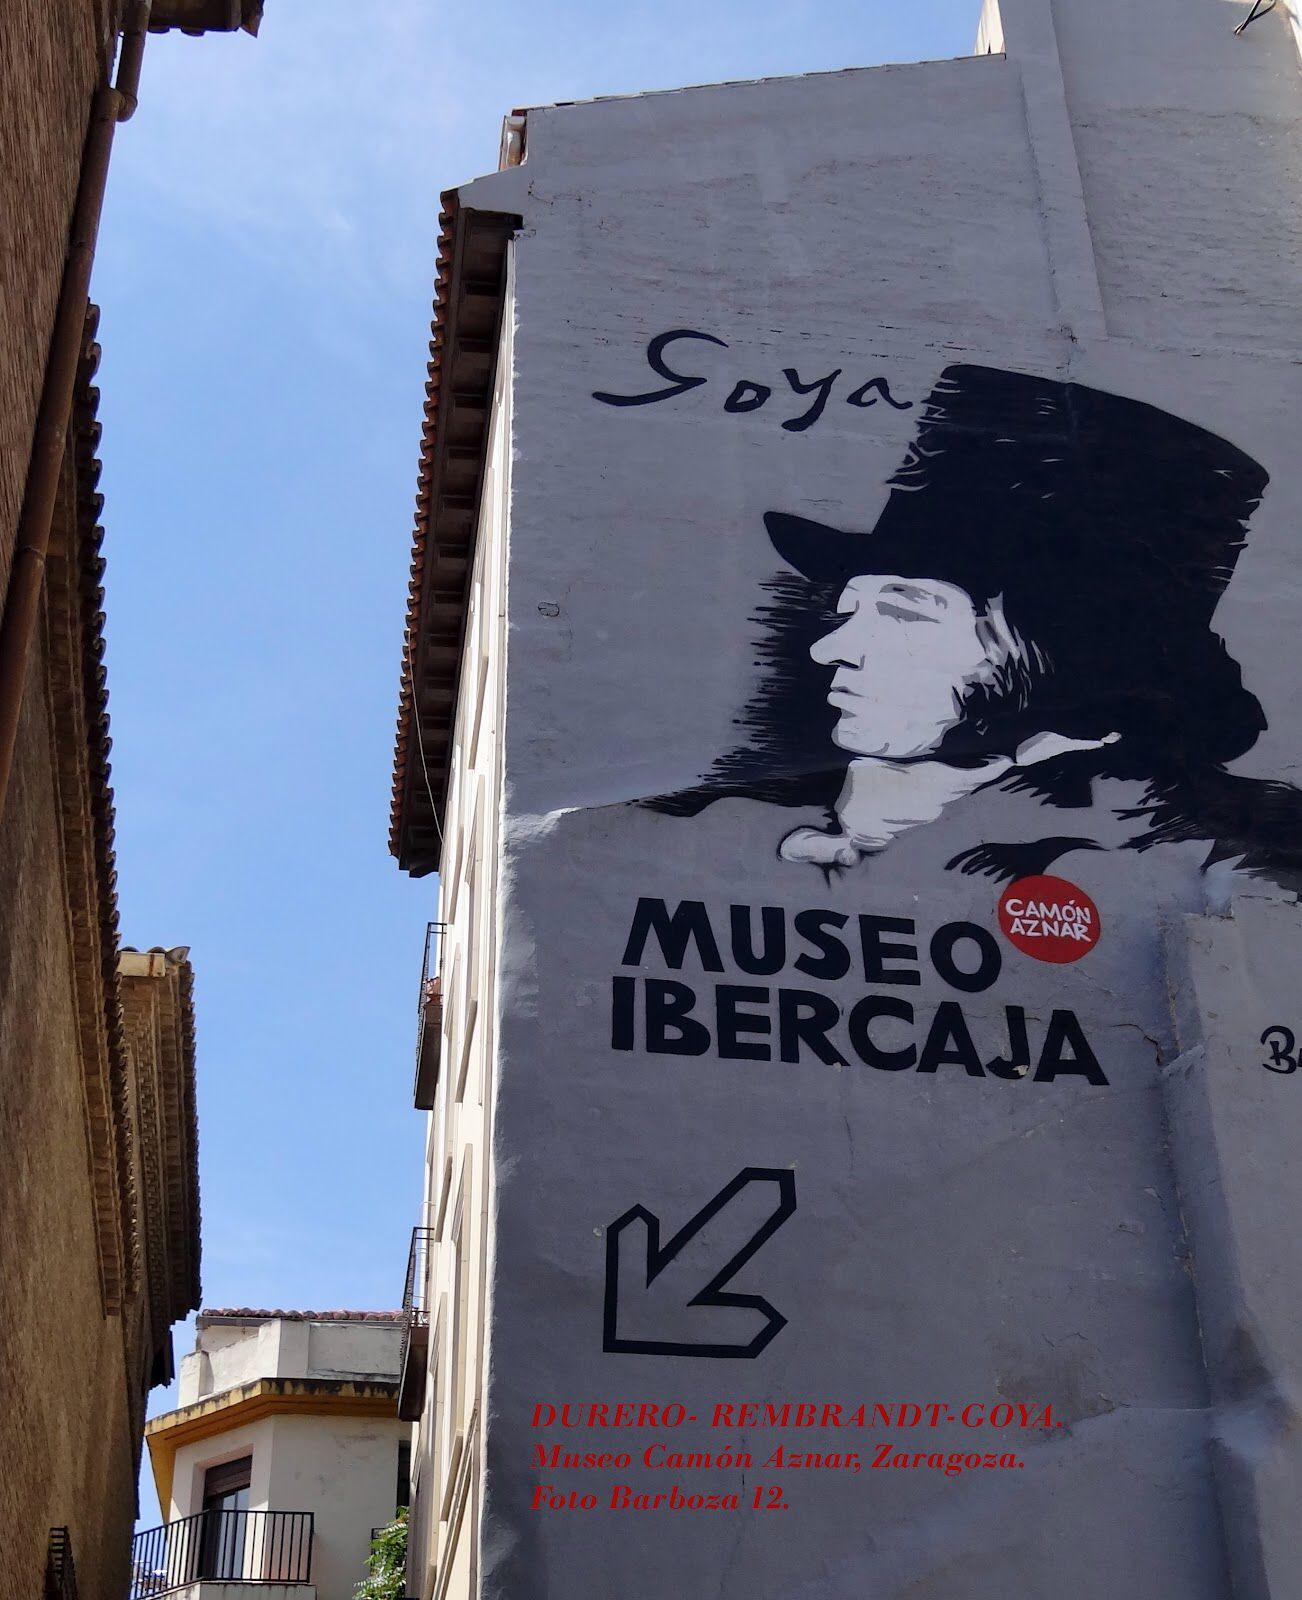 Goya museum in Zaragoza. Het aantal werken viel tegen. Wel een leuk filmpje over het leven van Goya.